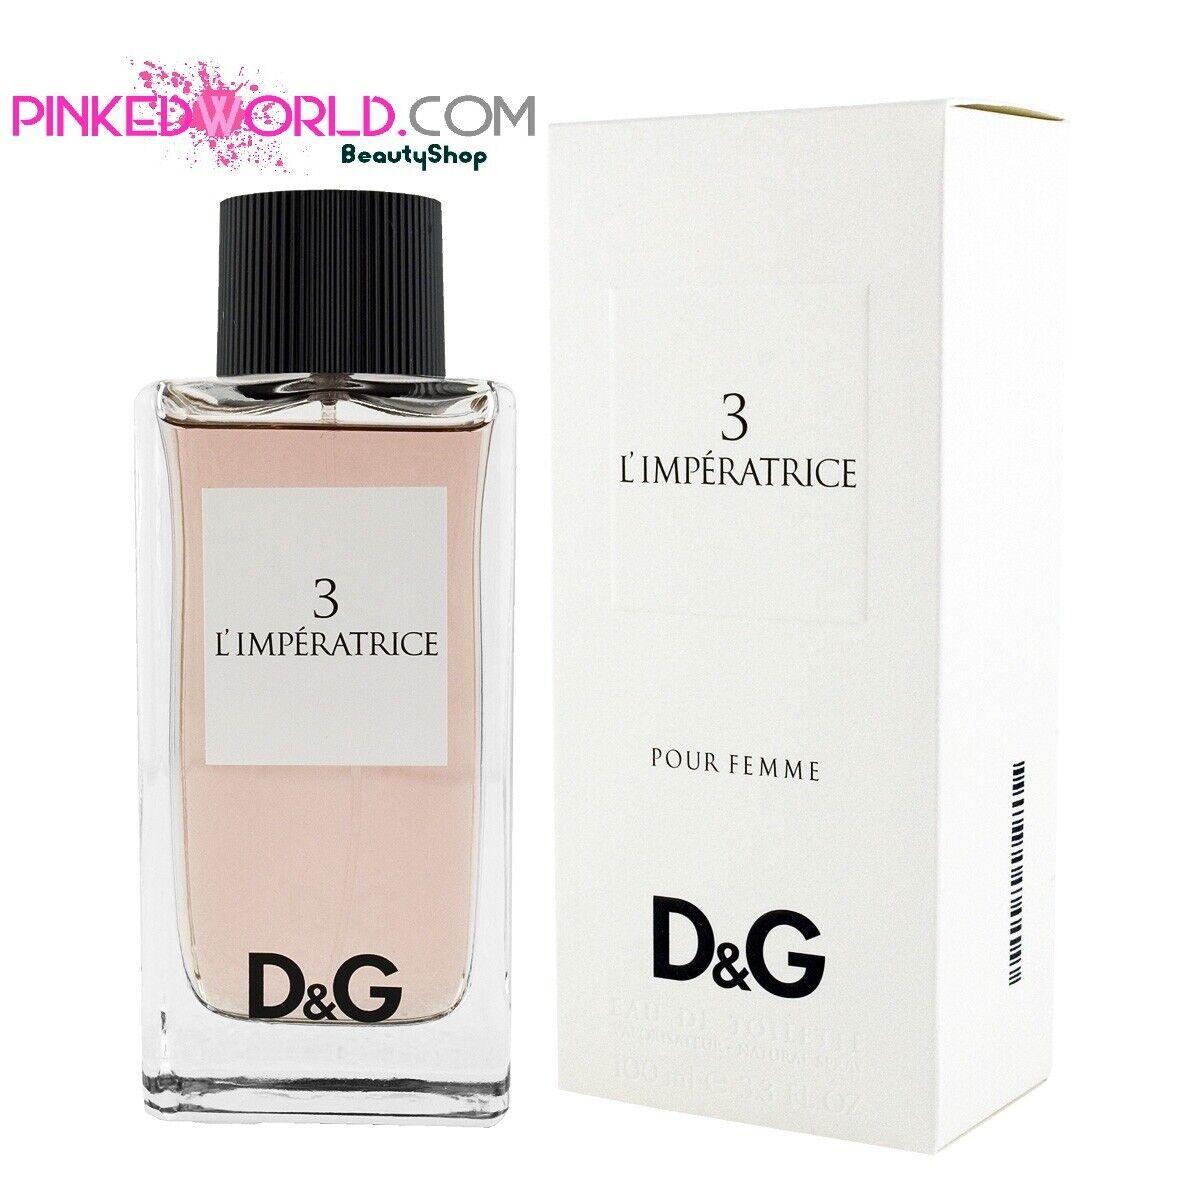 profumi: D&G L'IMPERATRICE 3  Edt 100 ml eau de toilette -Originale- Parfum Senza Scatola